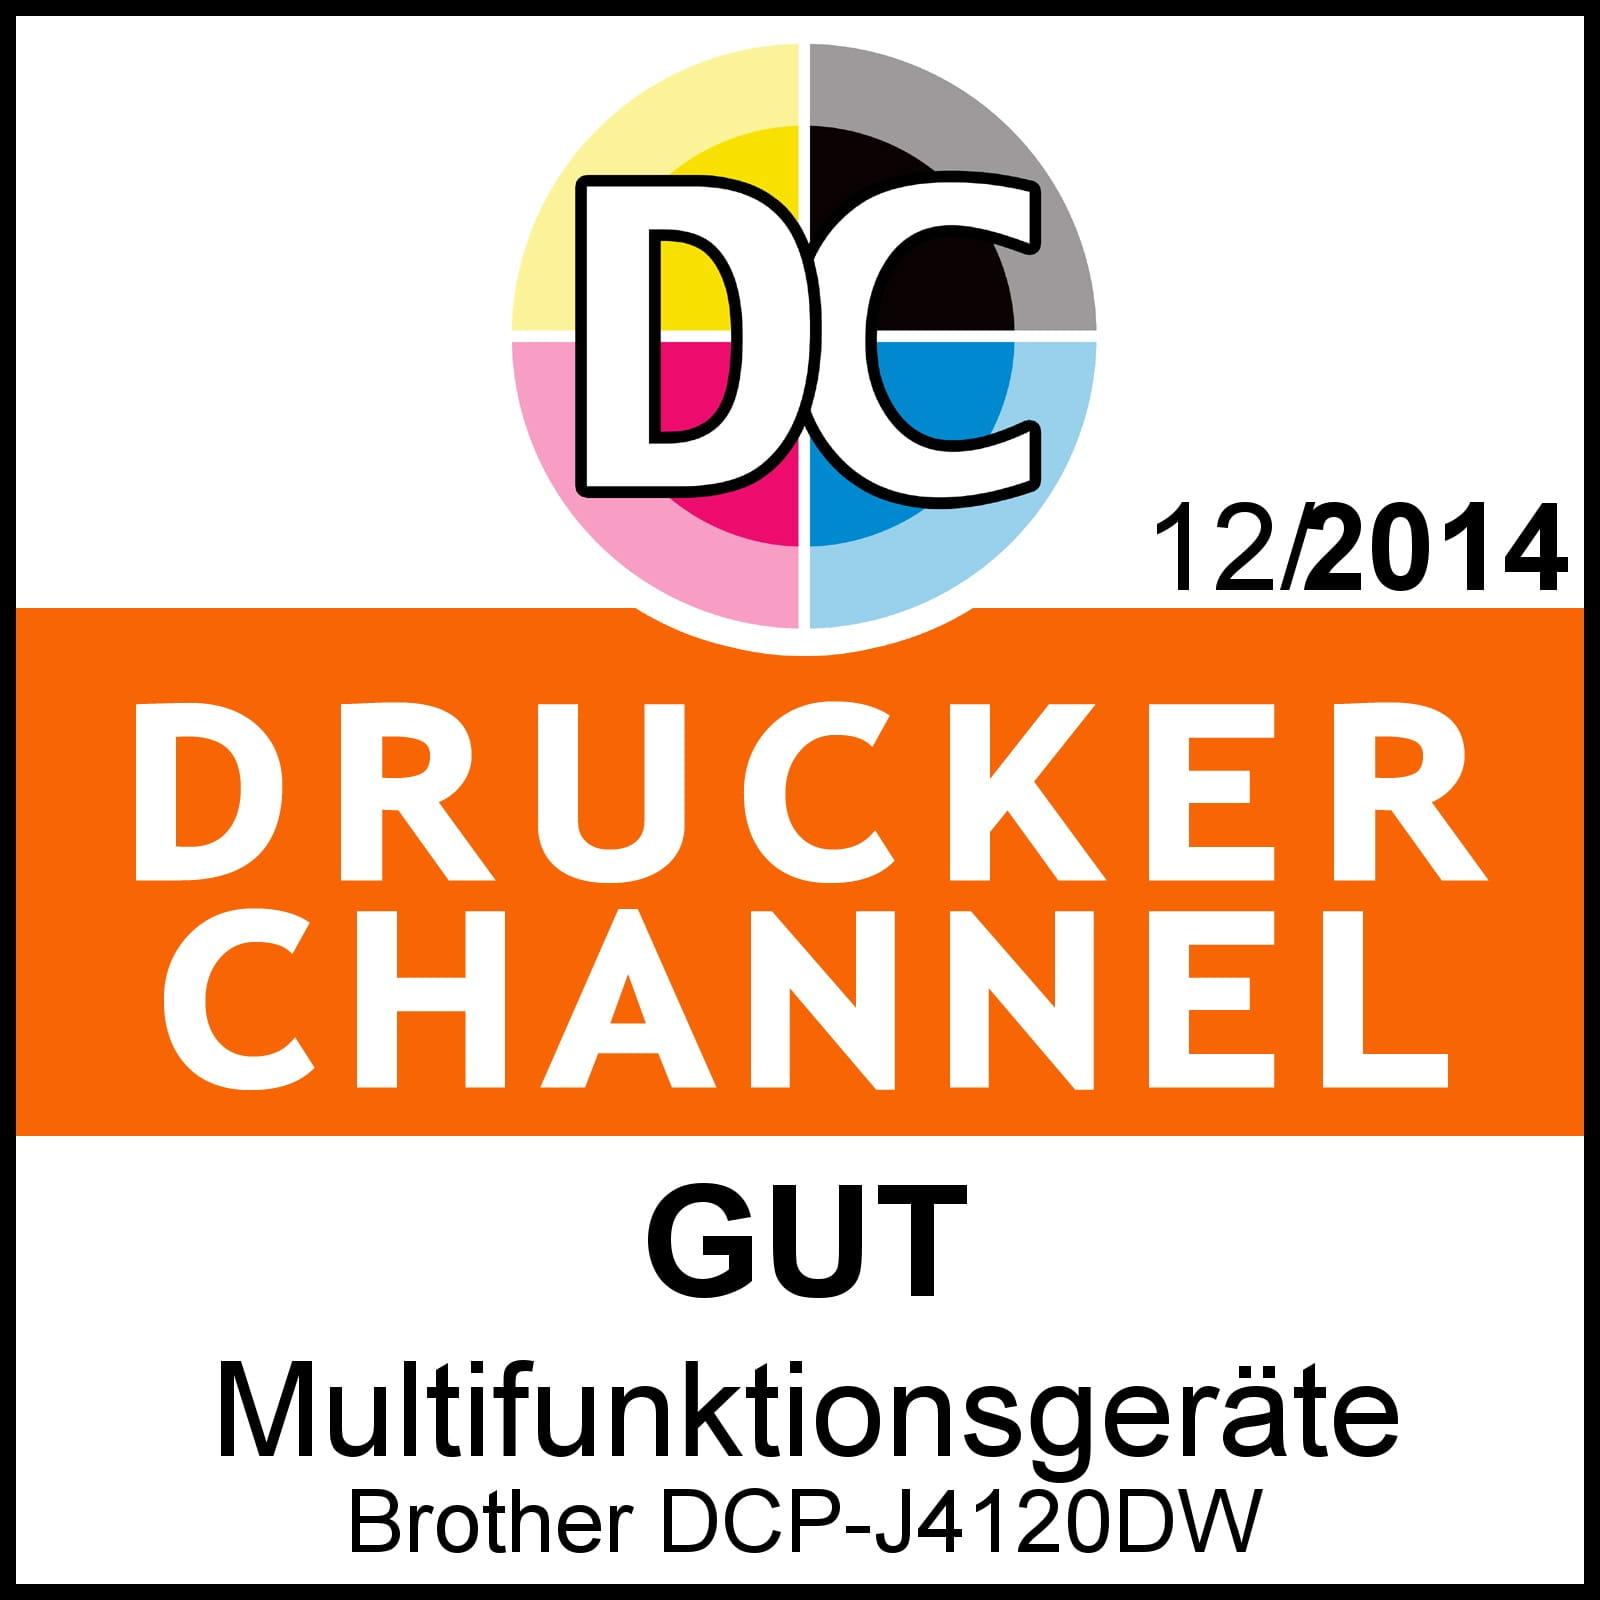 Brother DCP-J4120DW Druckerchannelwertung